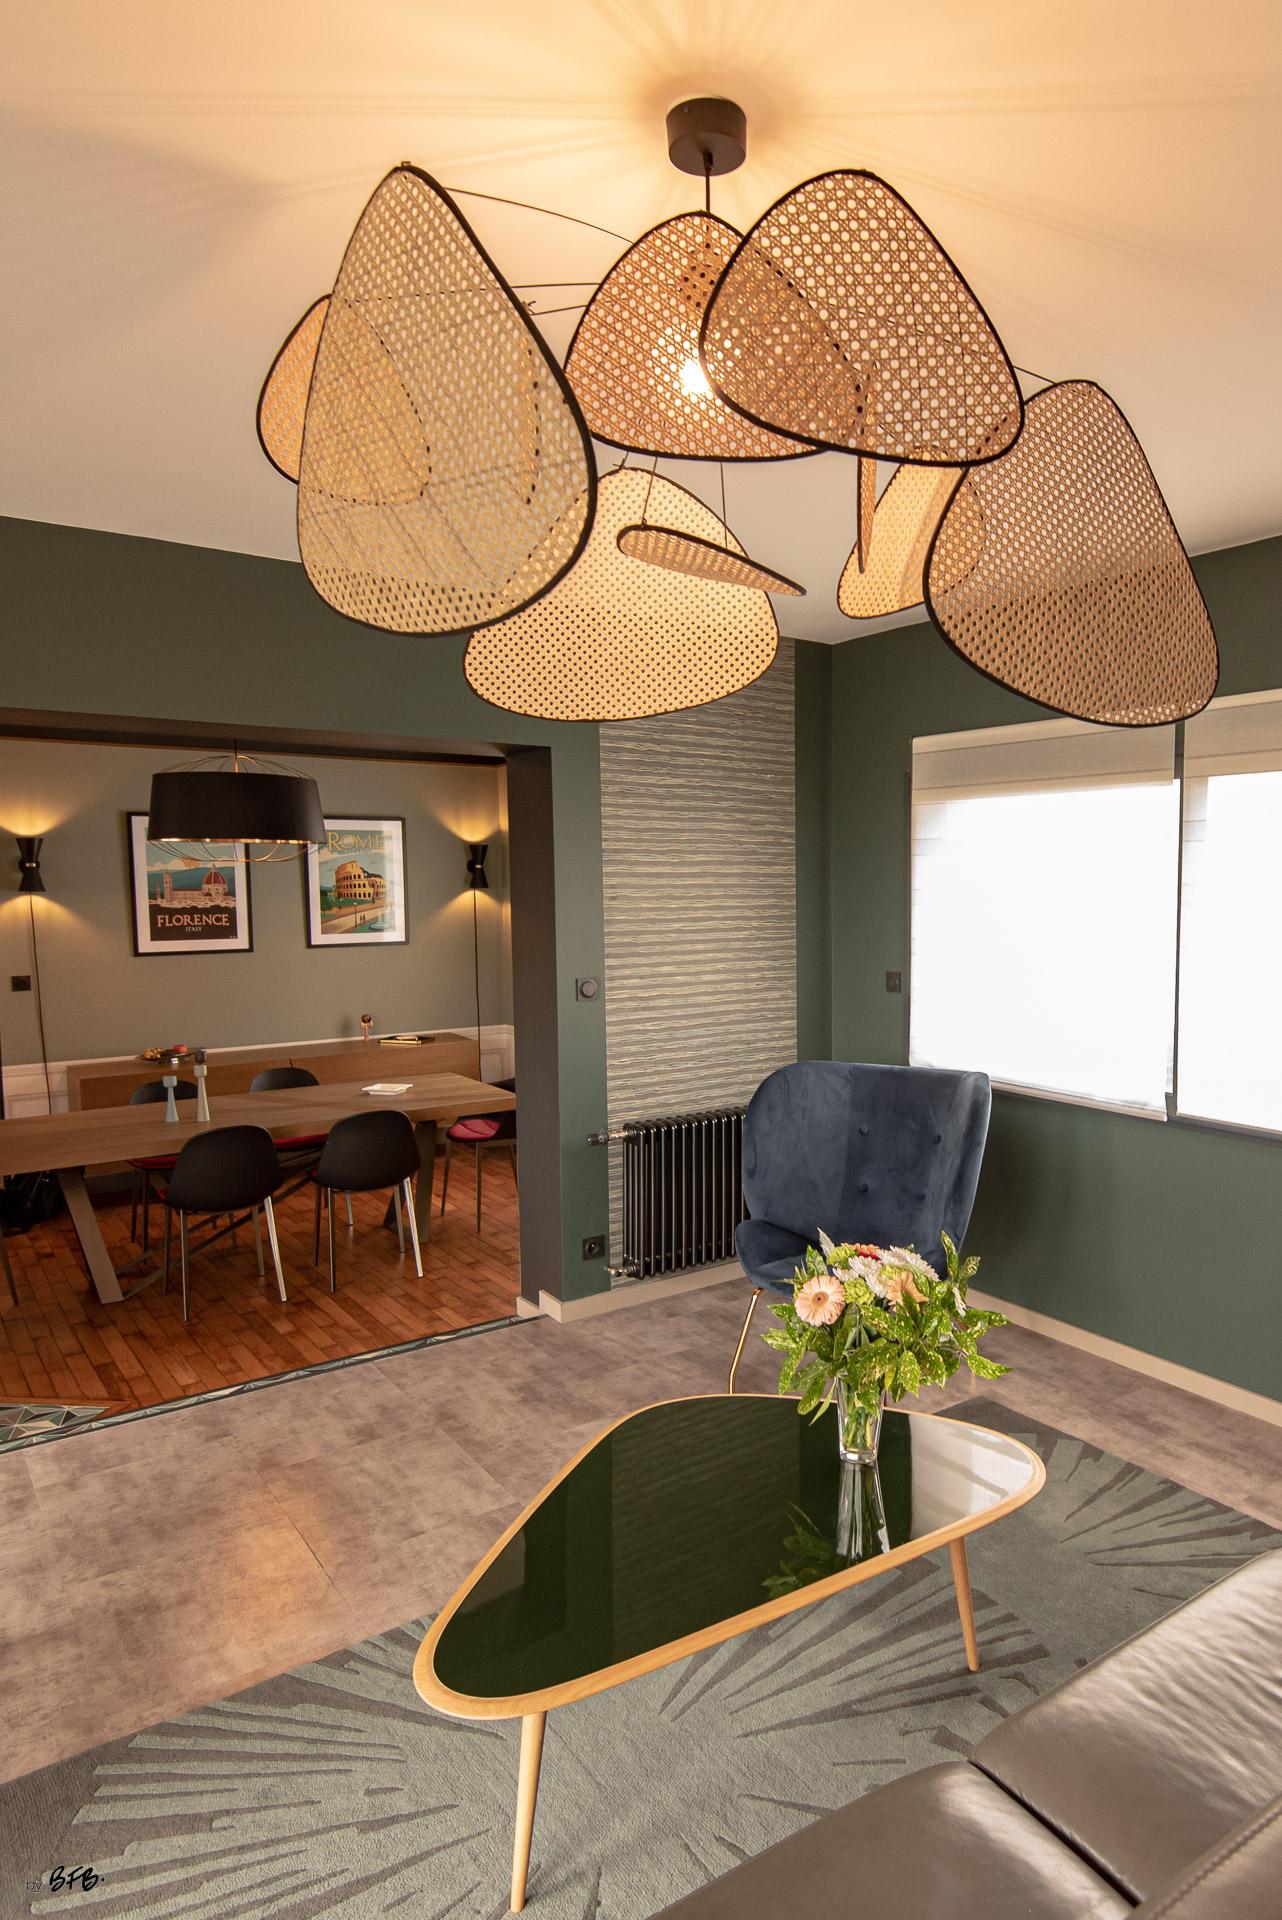 Création ambiance, rénovation, extension, maison à Brest, by Agence BFB Morbihan & Ile de Ré, focus matières nobles laque verte, velours bleu, tapis laine vert, cannage